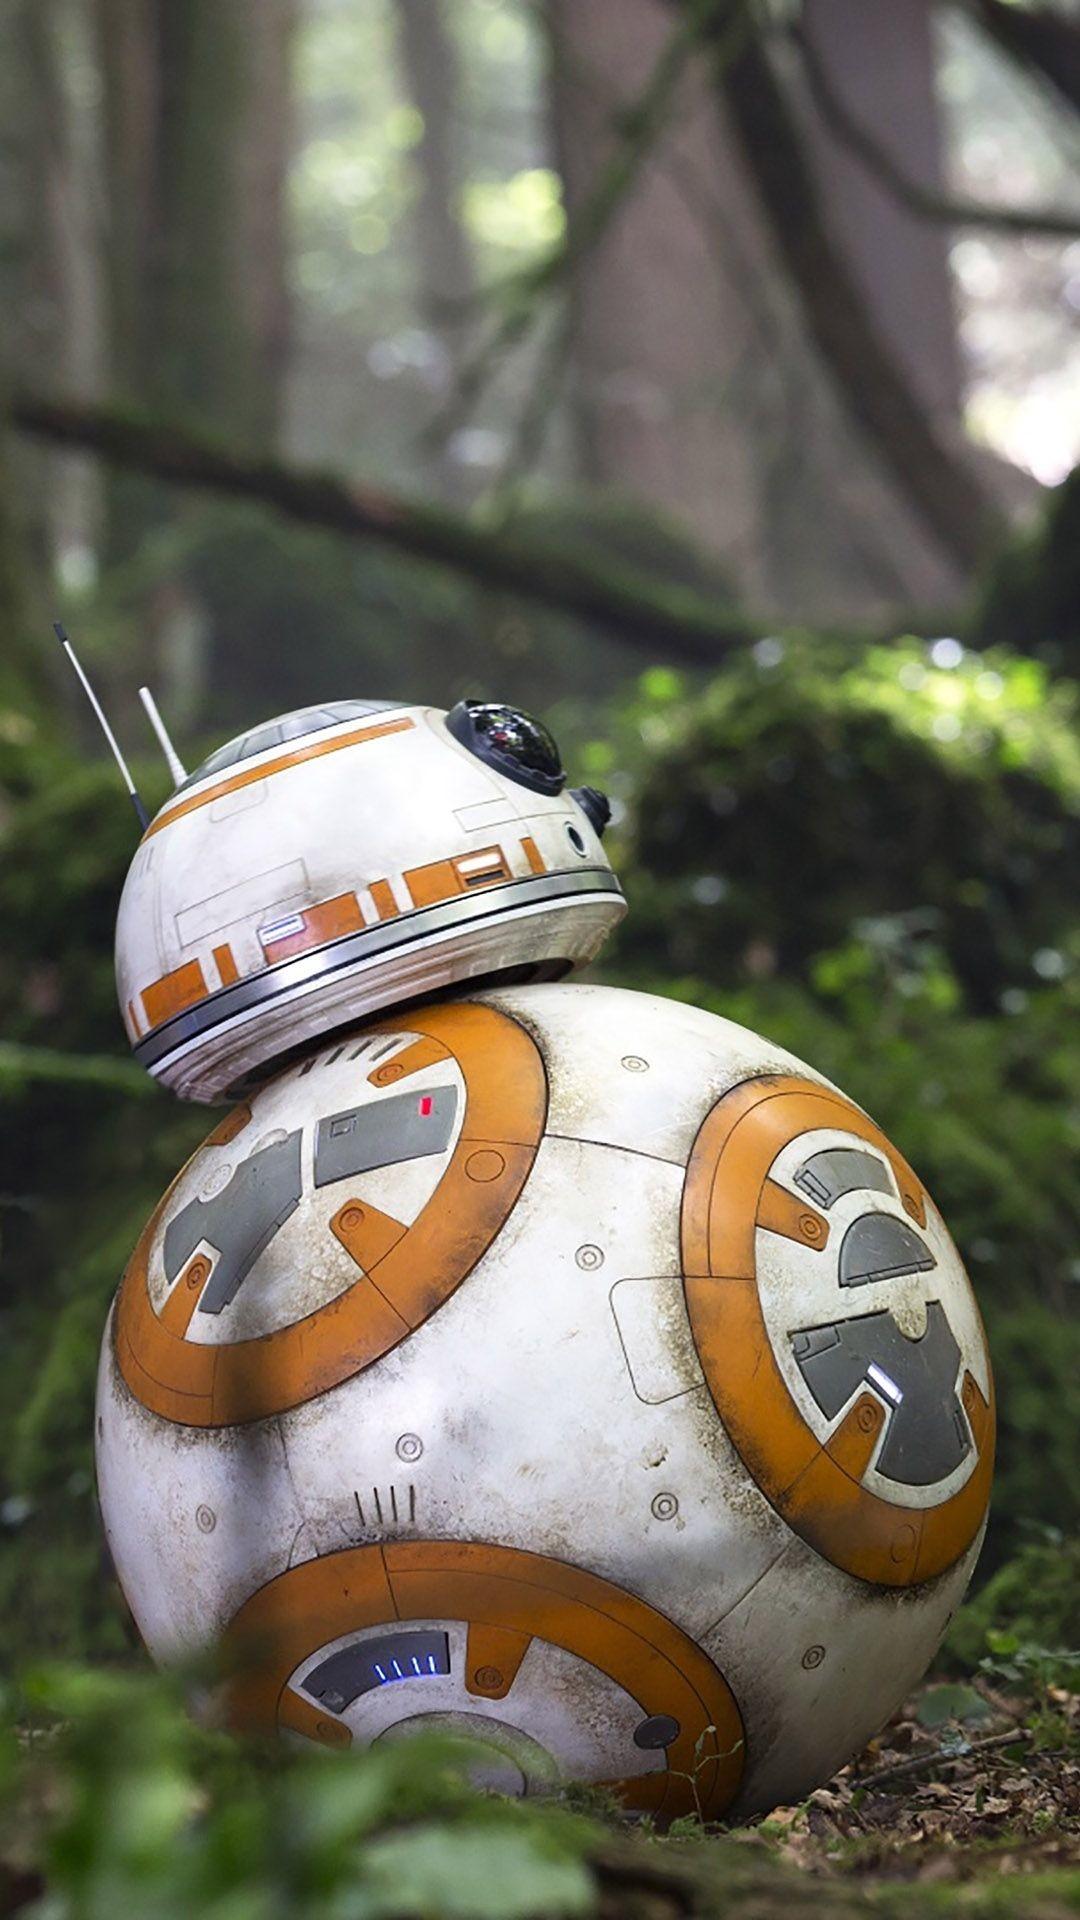 1080x1920 Star Wars Iphone Wallpaper Bb8 Rey Bb8 The Force Awakens 1080x1920 Wallpaper Teahub Io